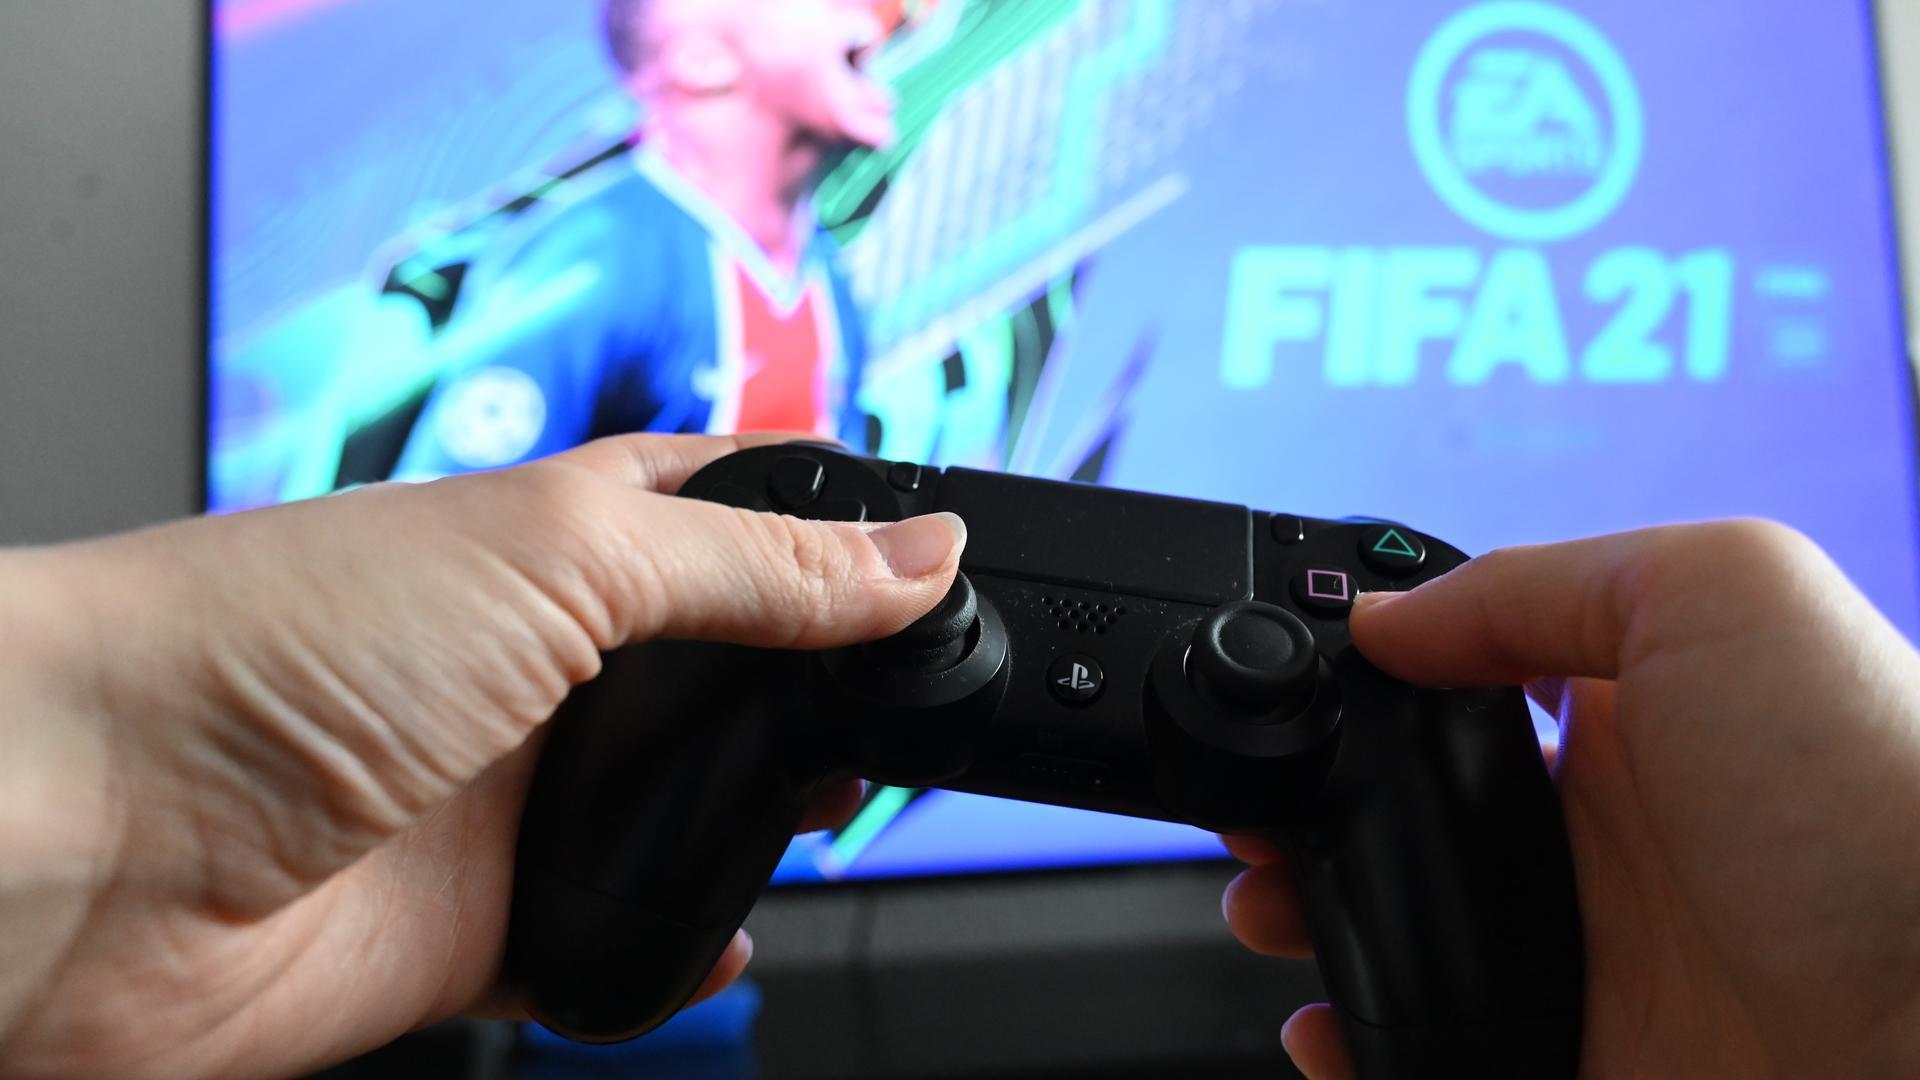 Fingerfertigkeit gefordert: Zwar ist eSports in Deutschland bislang nicht als offizielle Sportart anerkannt, der 1. CfR Pforzheim möchte dennoch mit der Entwicklung gehen und künftig eine eigene Abteilung im Verein ansiedeln.